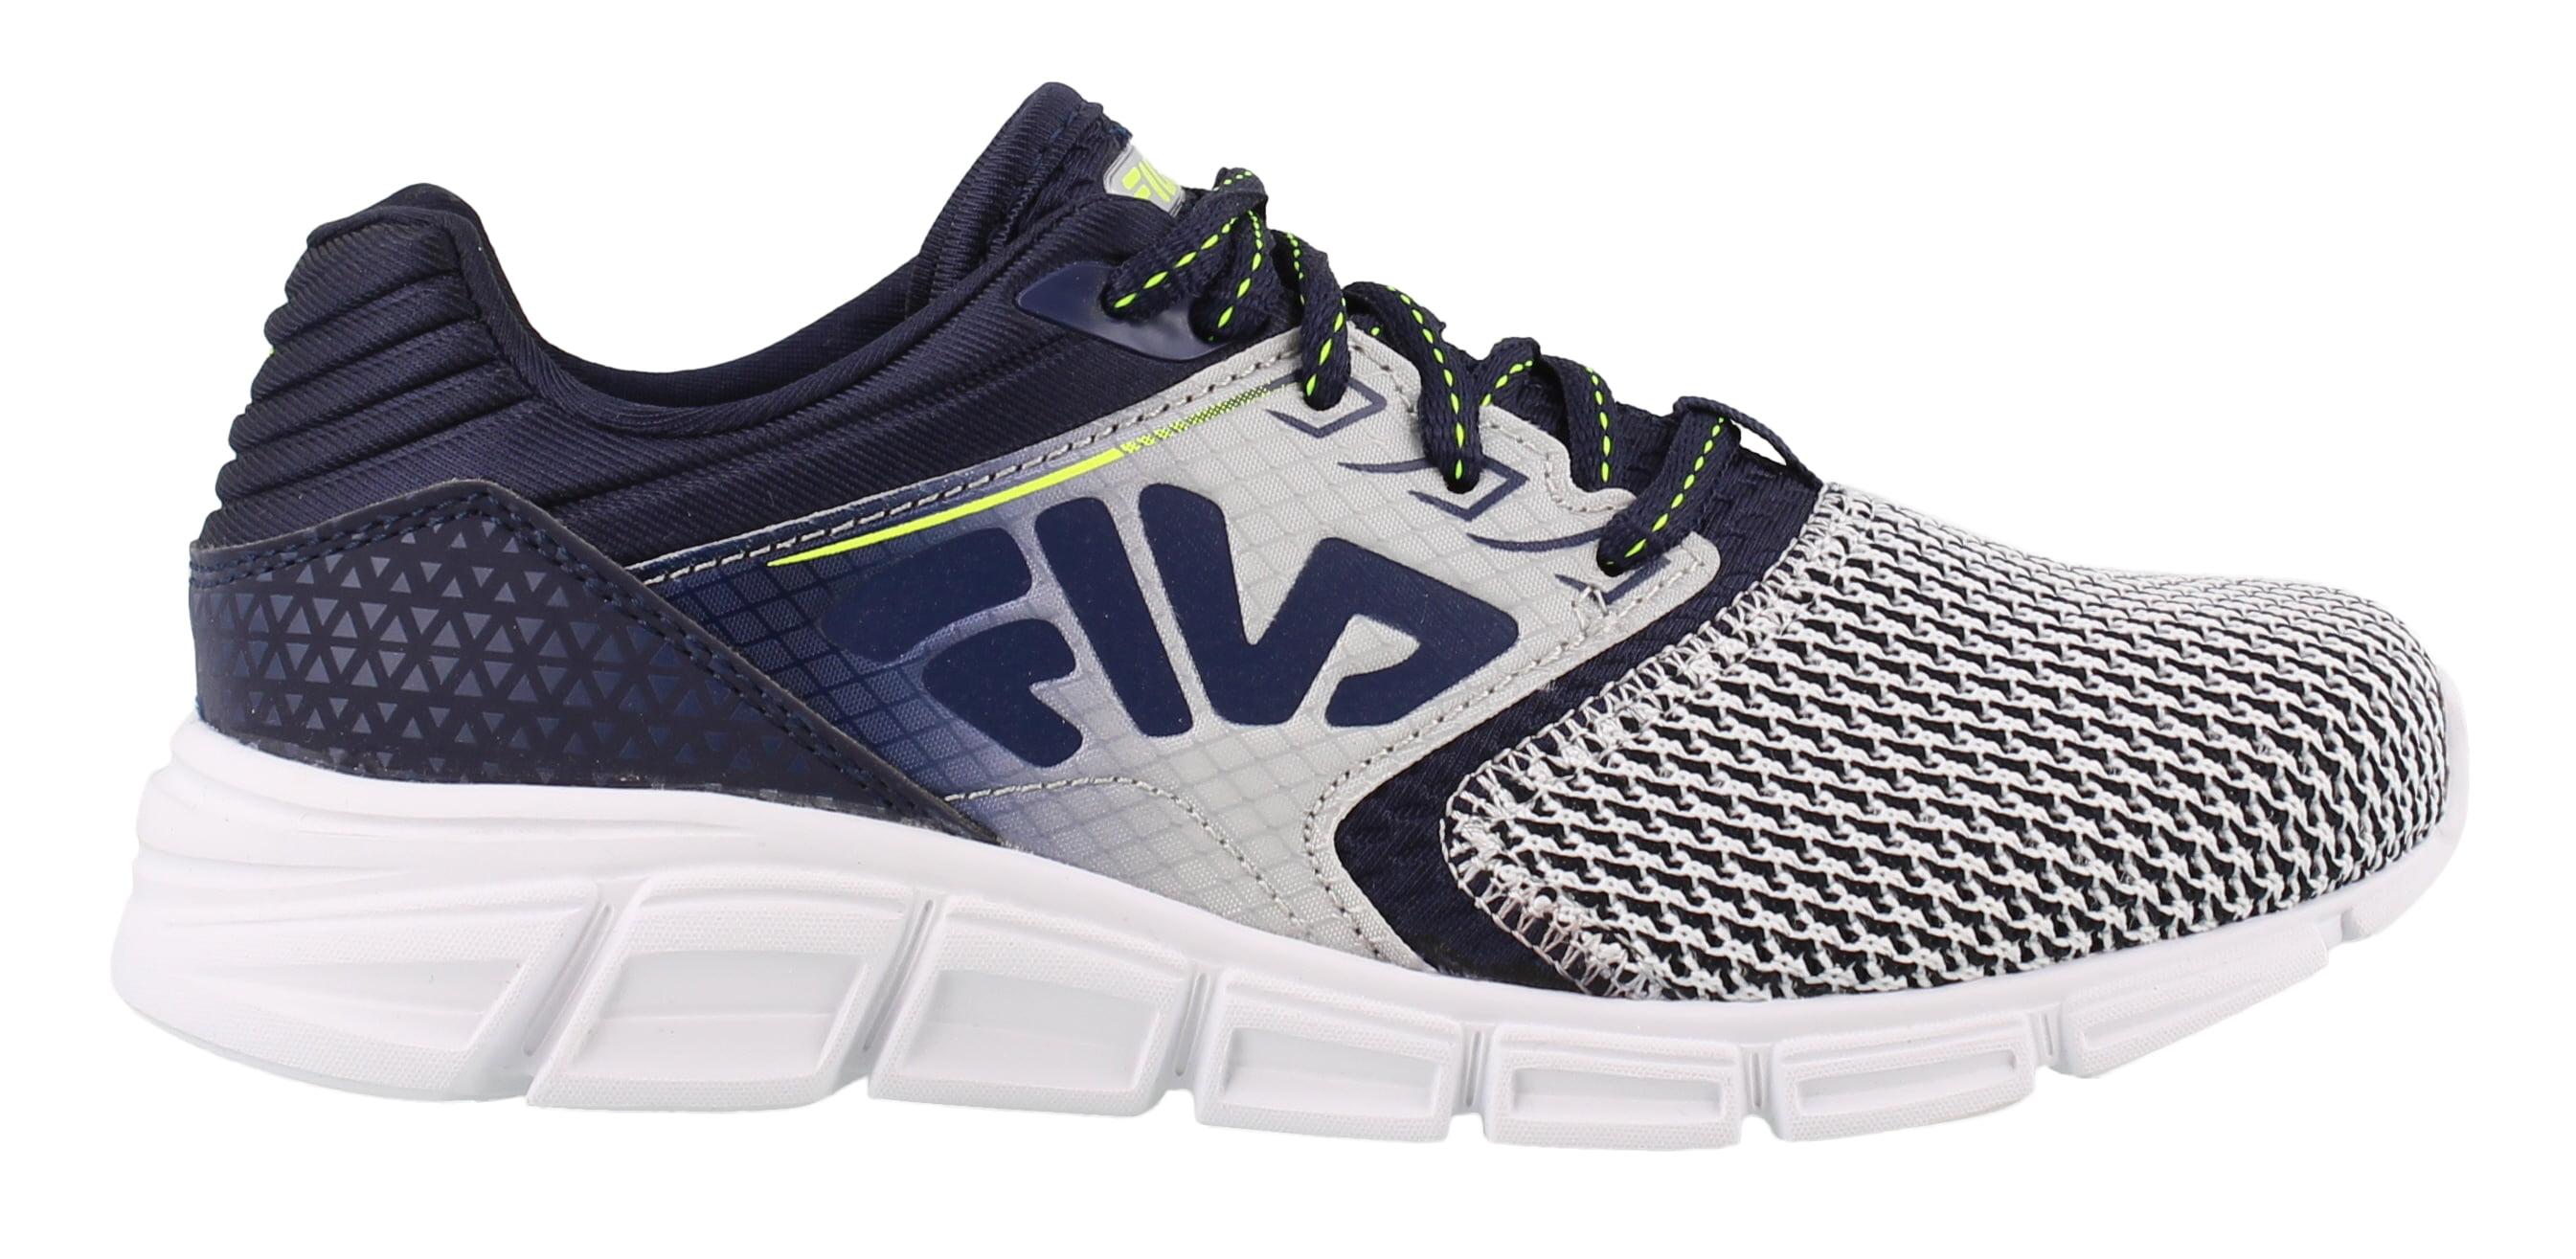 Boy's Fila, Multiswift 2 Lace up Sneakers by Fila